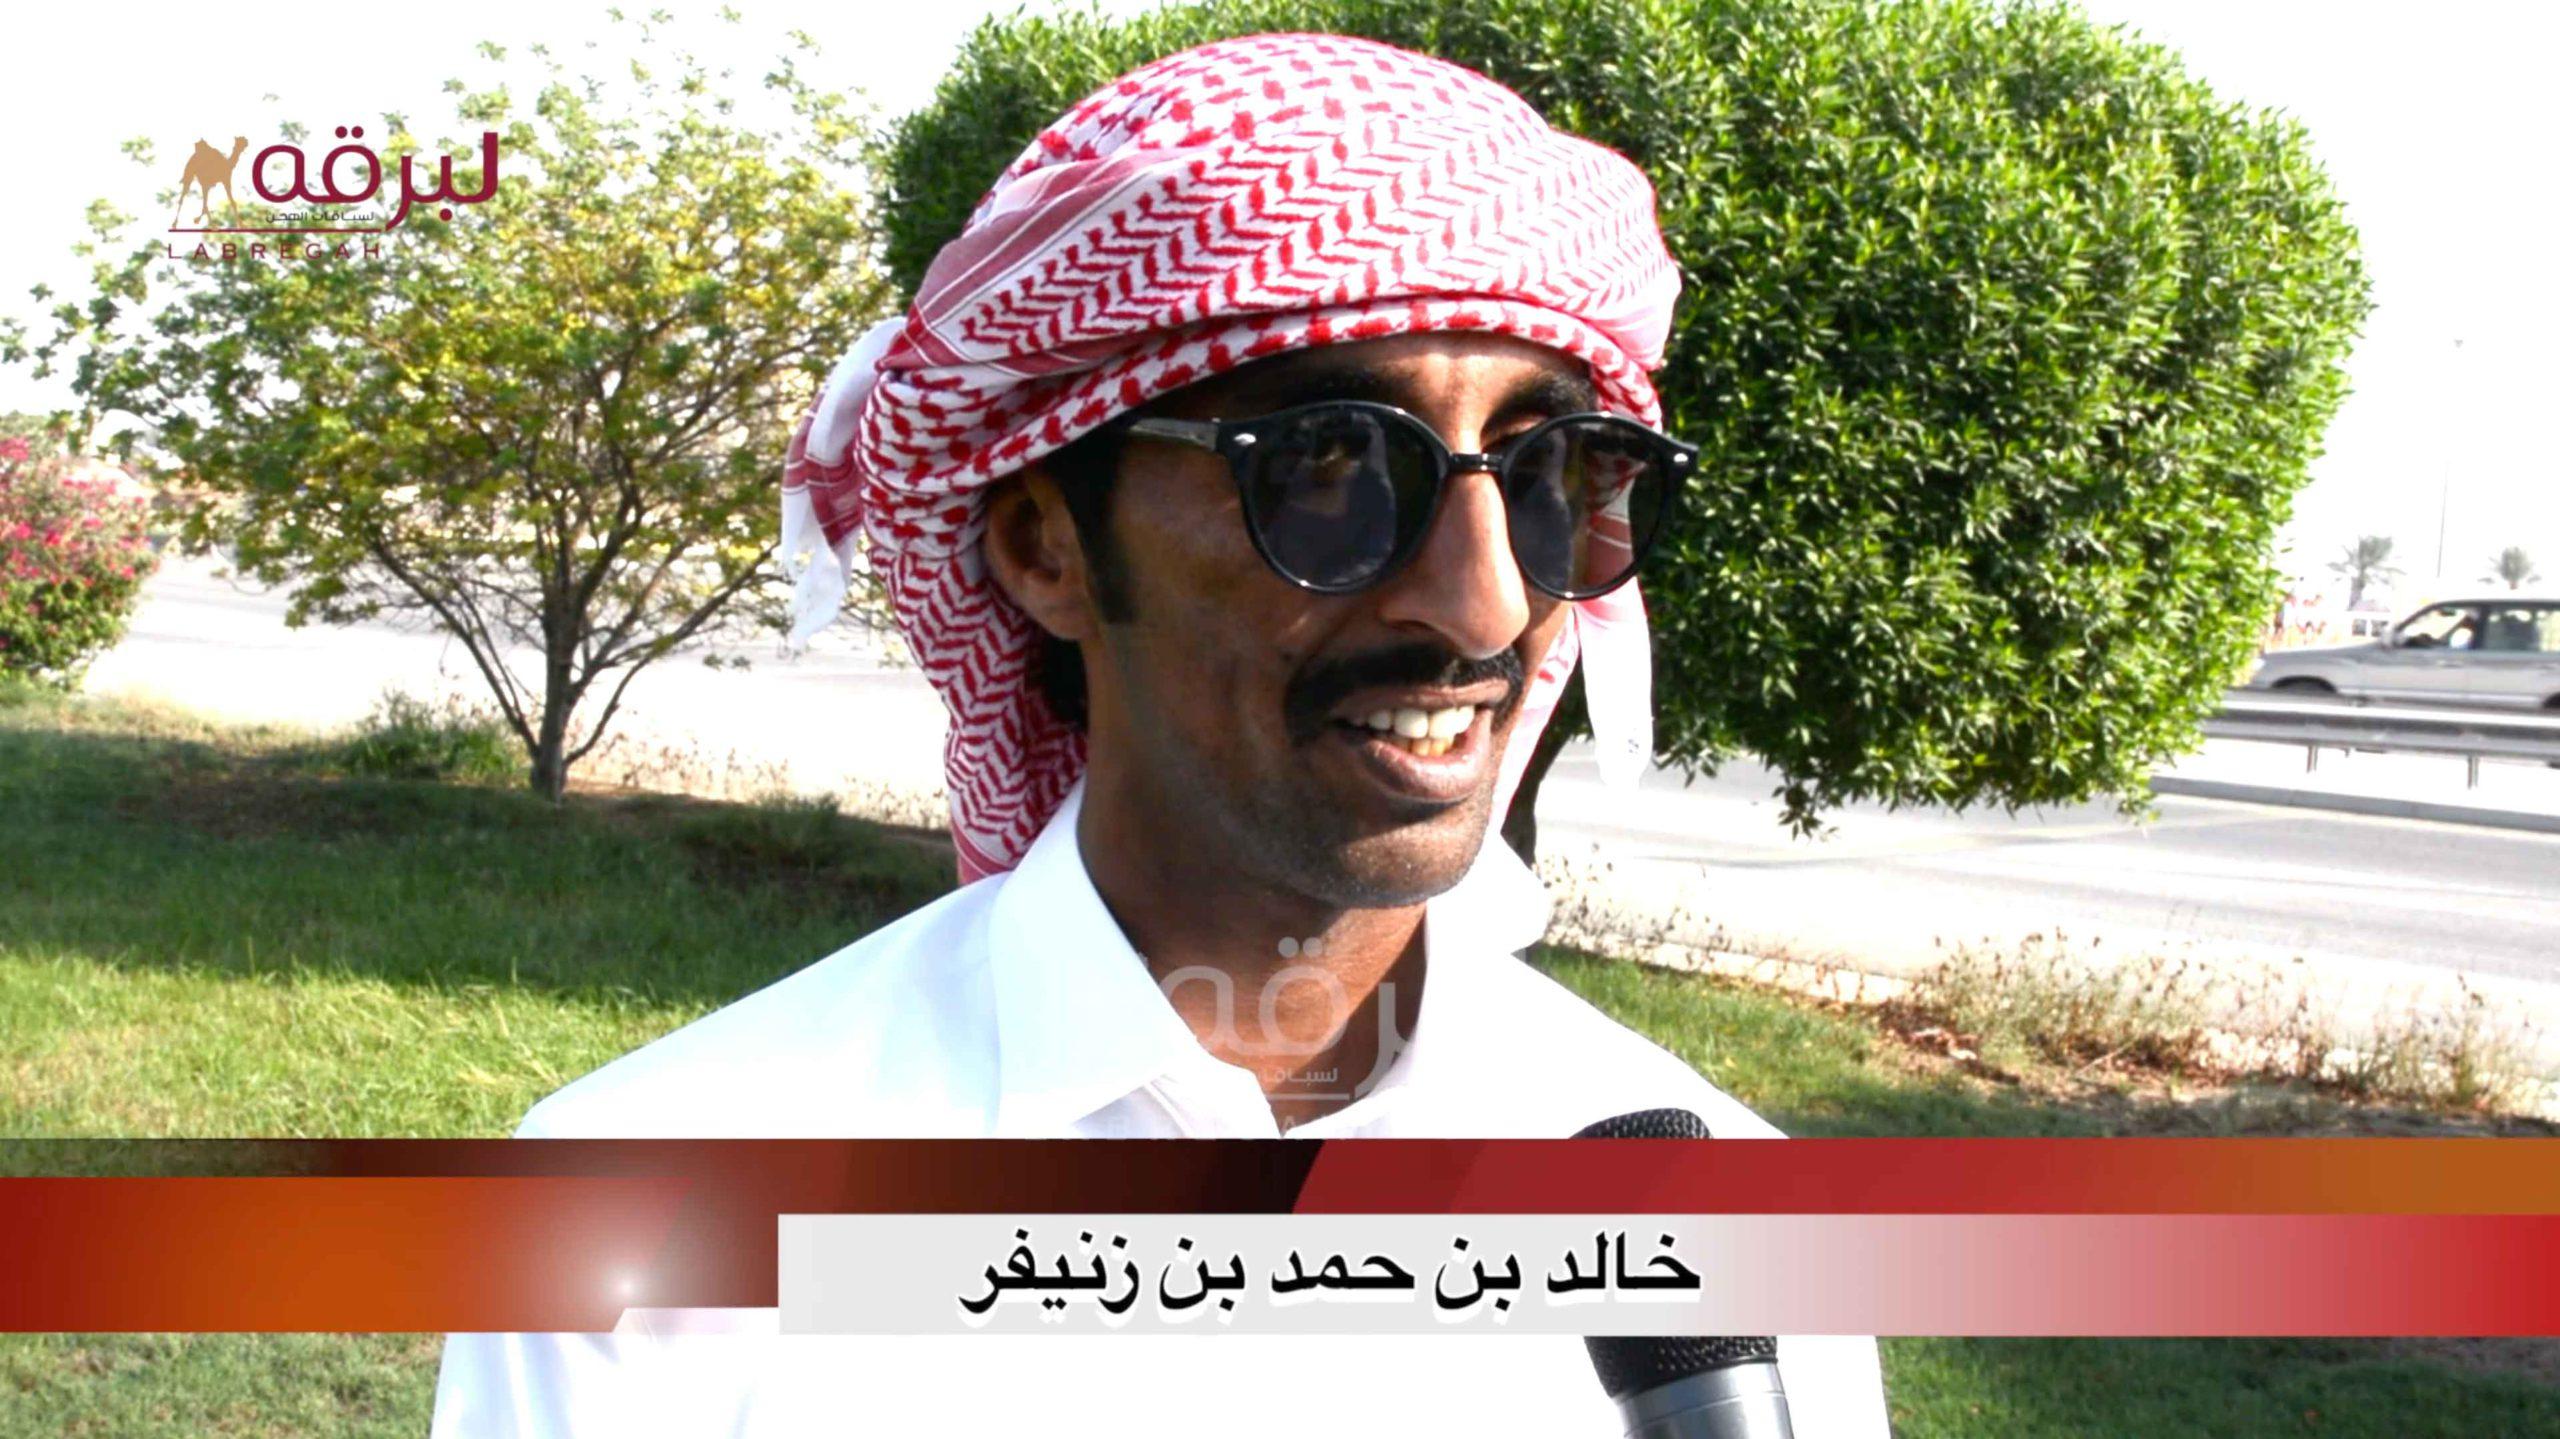 لقاء مع خالد بن حمد بن زنيفر.. الأشواط الرئيسية للقايا (إنتاج) الأشواط المفتوحة ٢٢-٩-٢٠٢٠